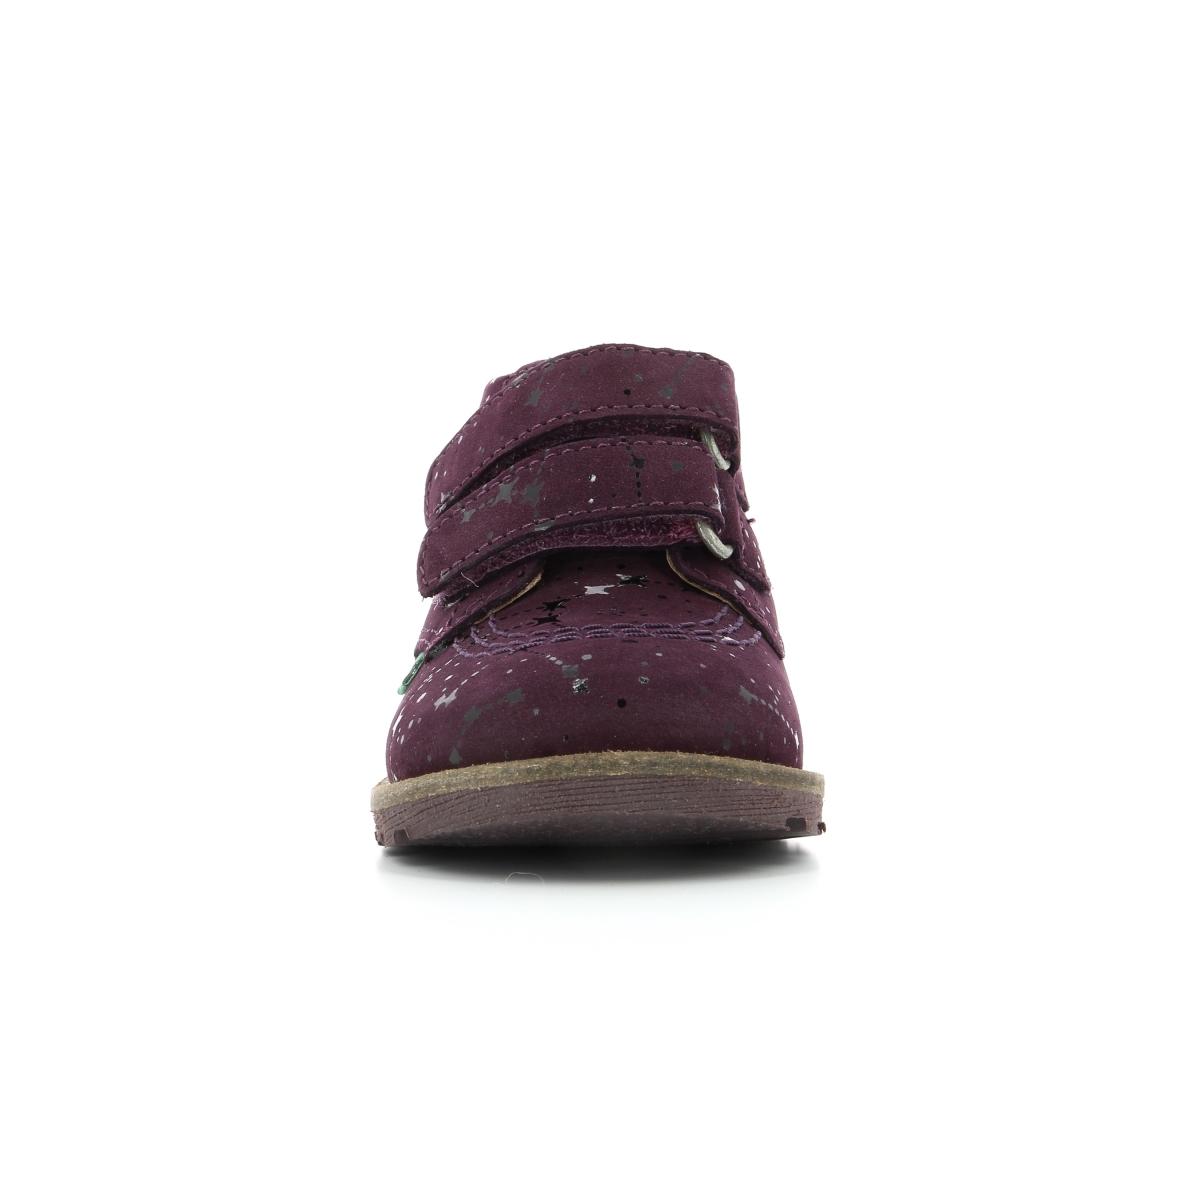 6a39ba5fc50ca Chaussures Enfant NONOMATIC BORDEAUX FOIL ASTRO - Kickers